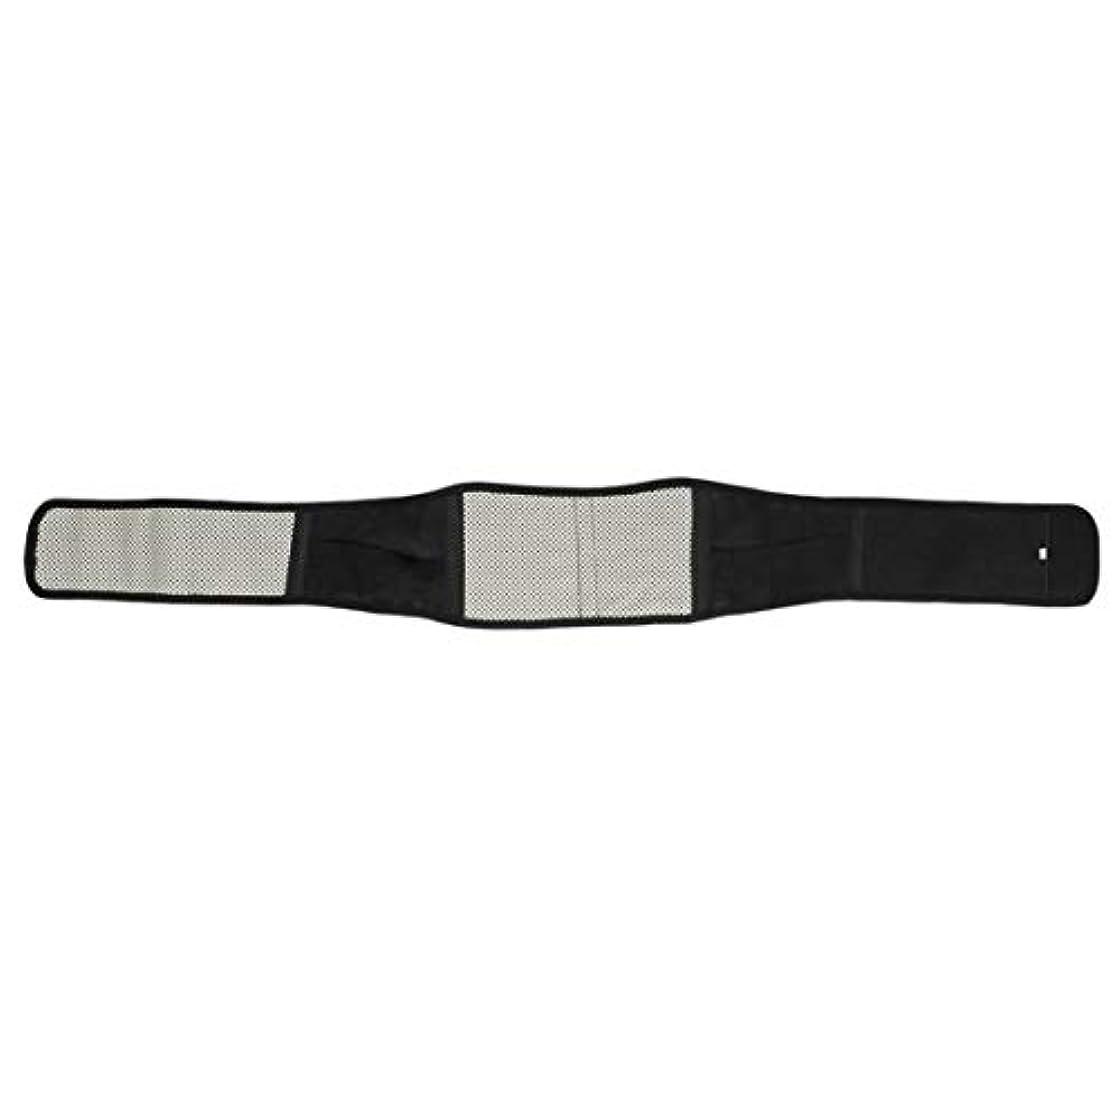 にんじん鉱石オリエント腰部サポートマッサージャー赤外線磁気バックブレース自己発熱療法ウエストベルト調節可能な姿勢ベルト-ブラックM